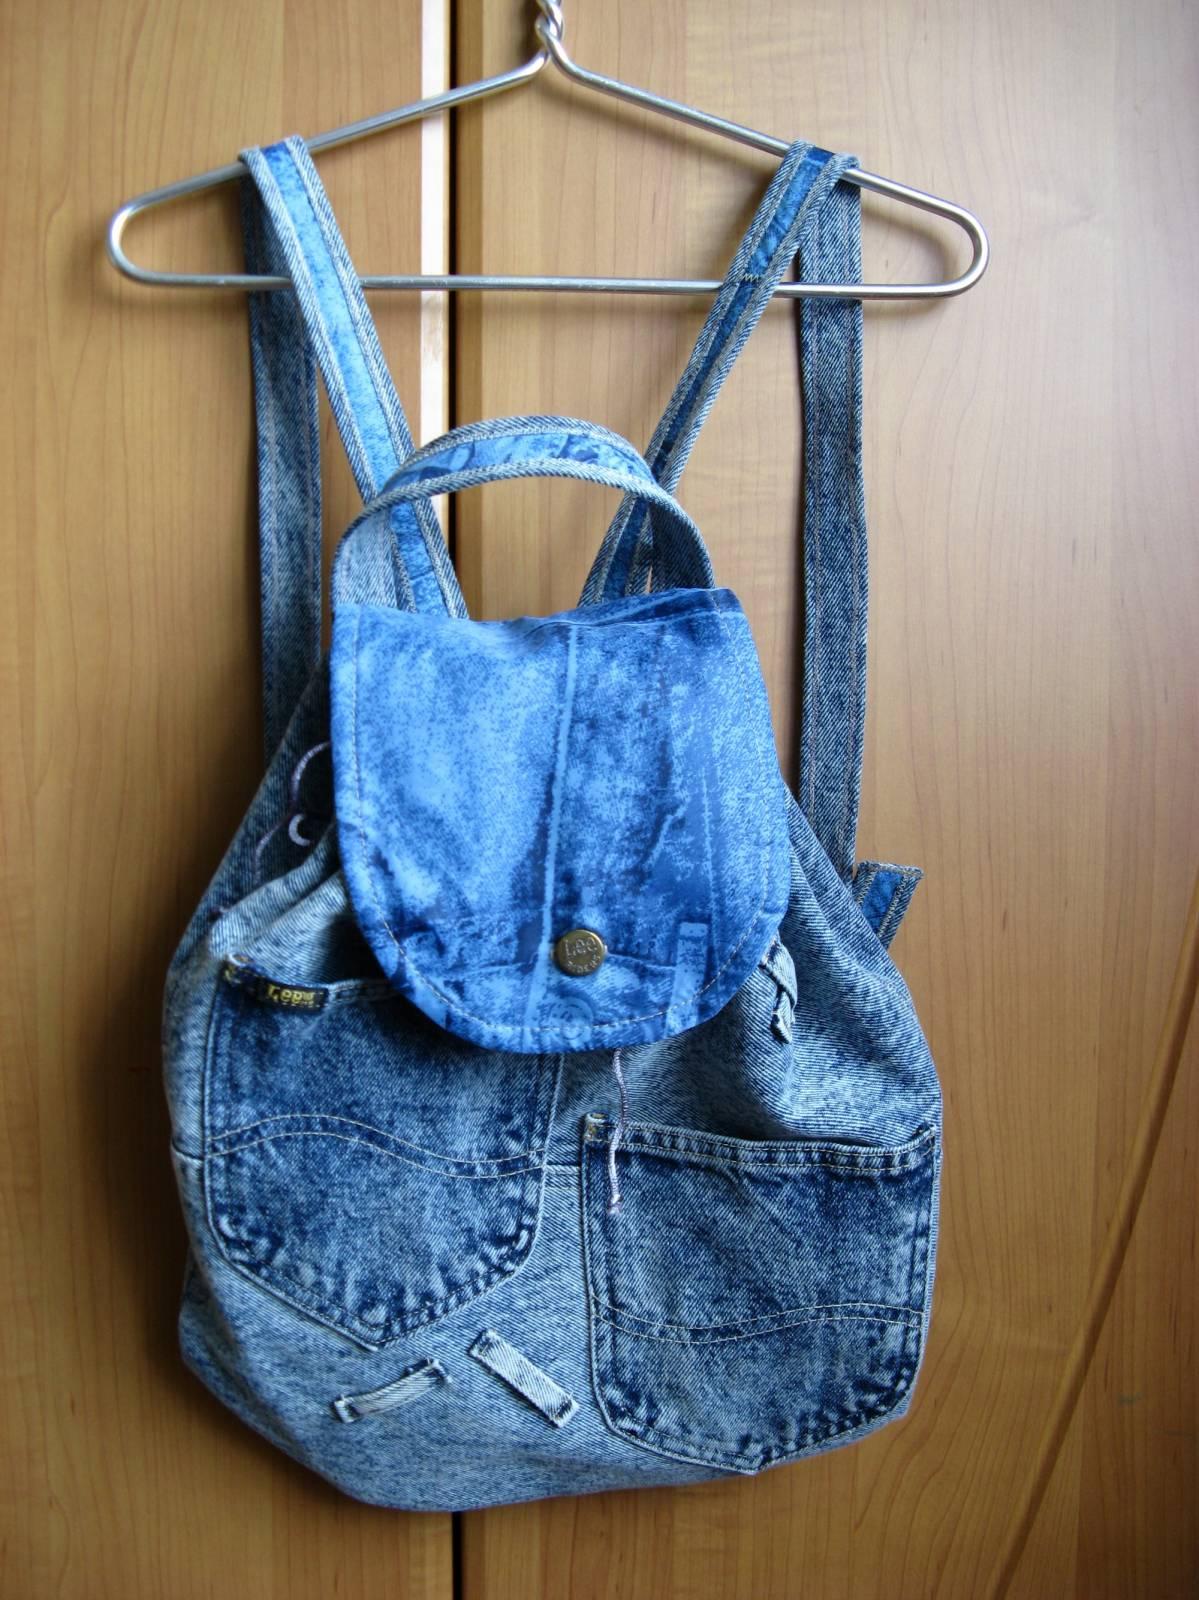 Как украсить джинсовый рюкзак своими руками фото